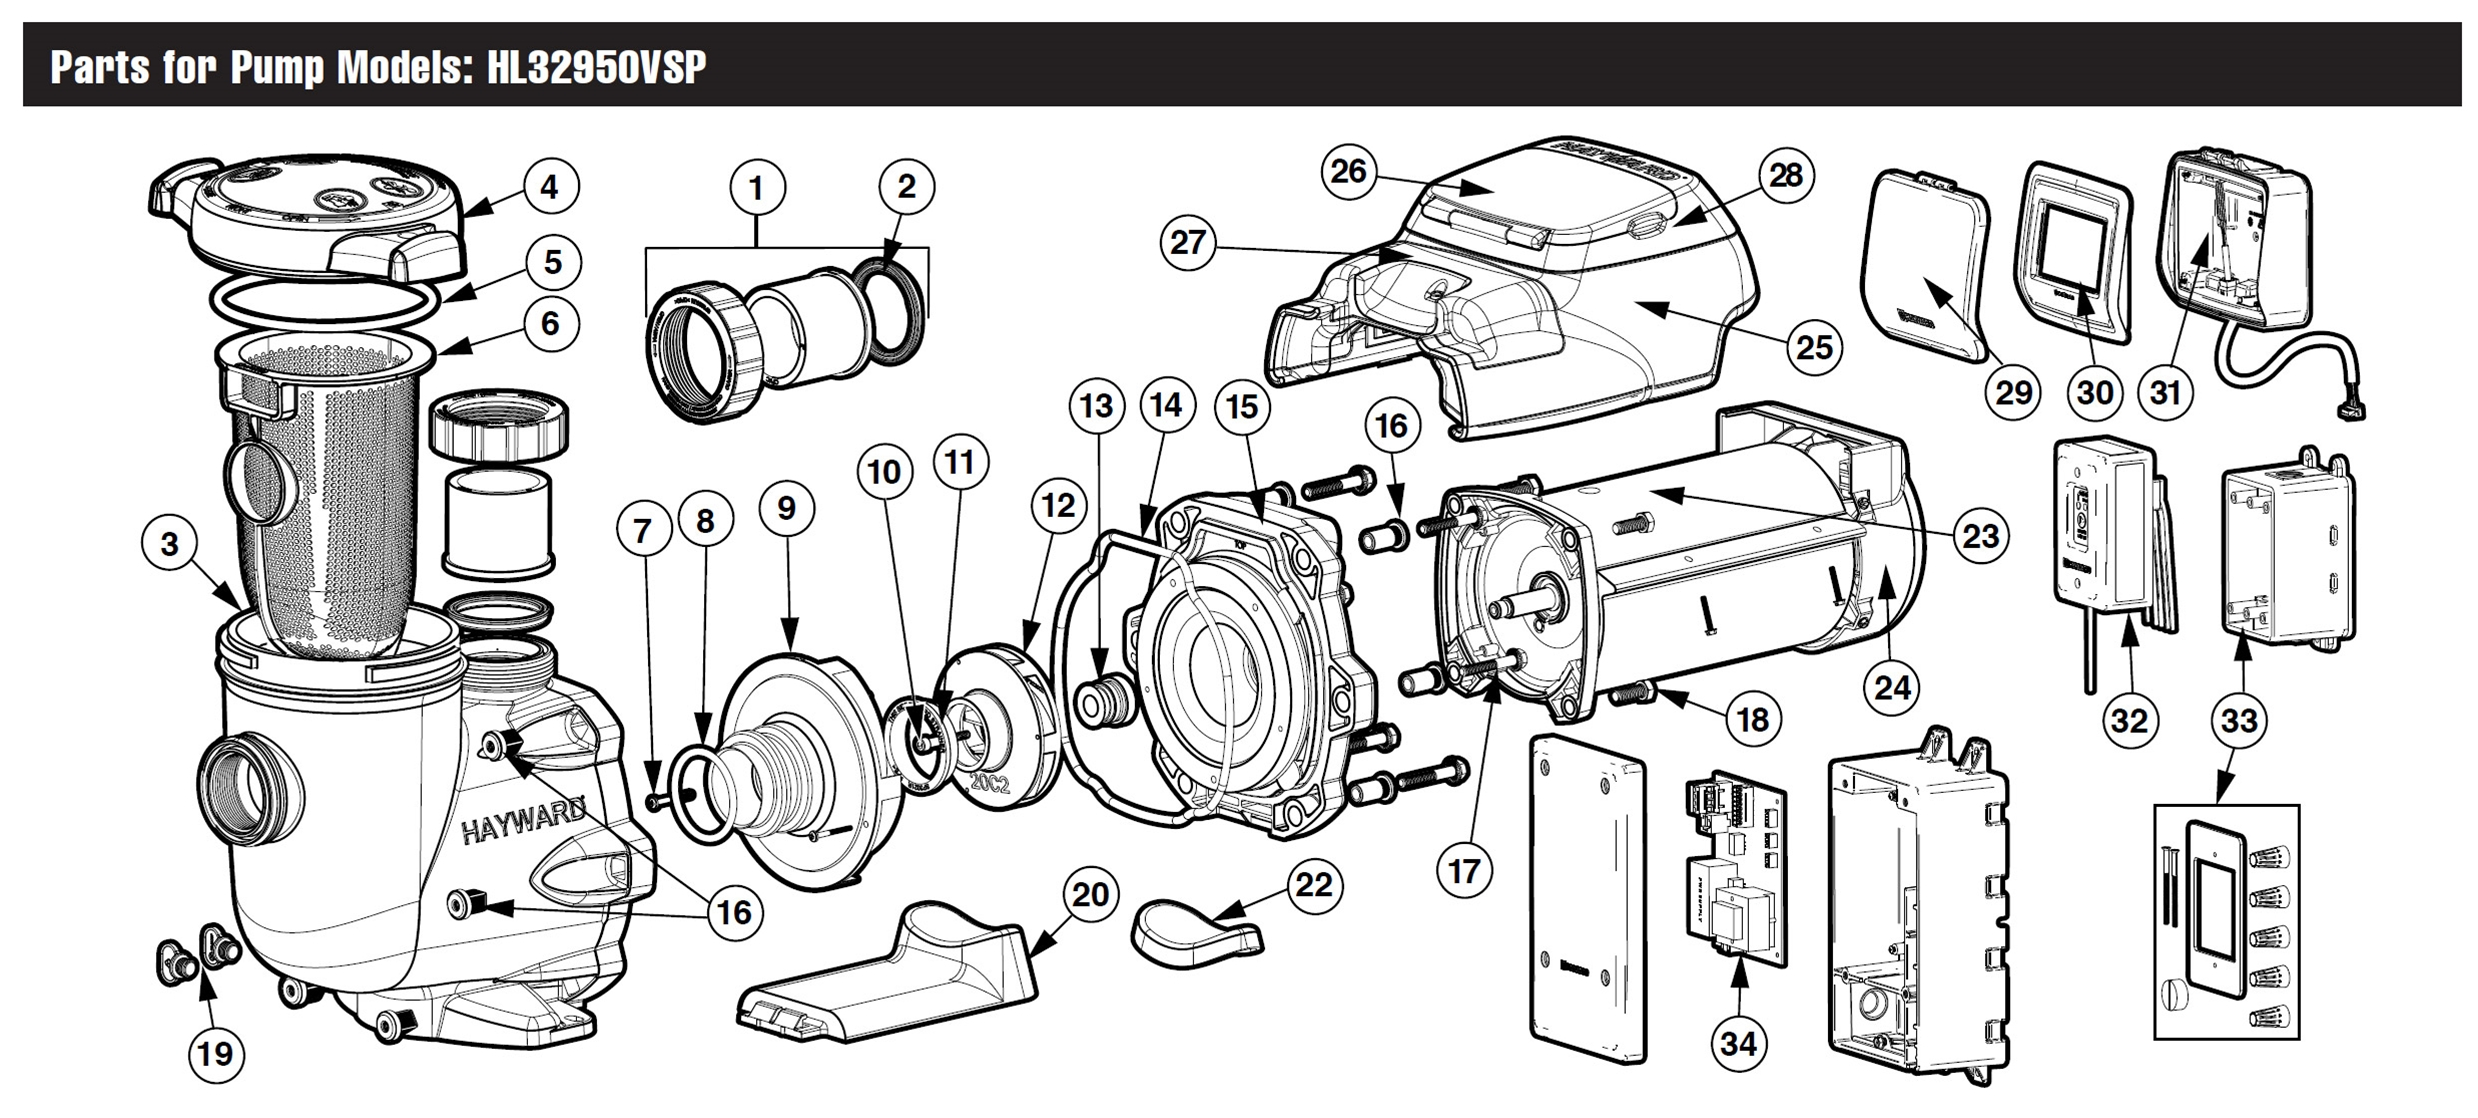 Hayward Tristar Vs 950 Omni Pump Parts